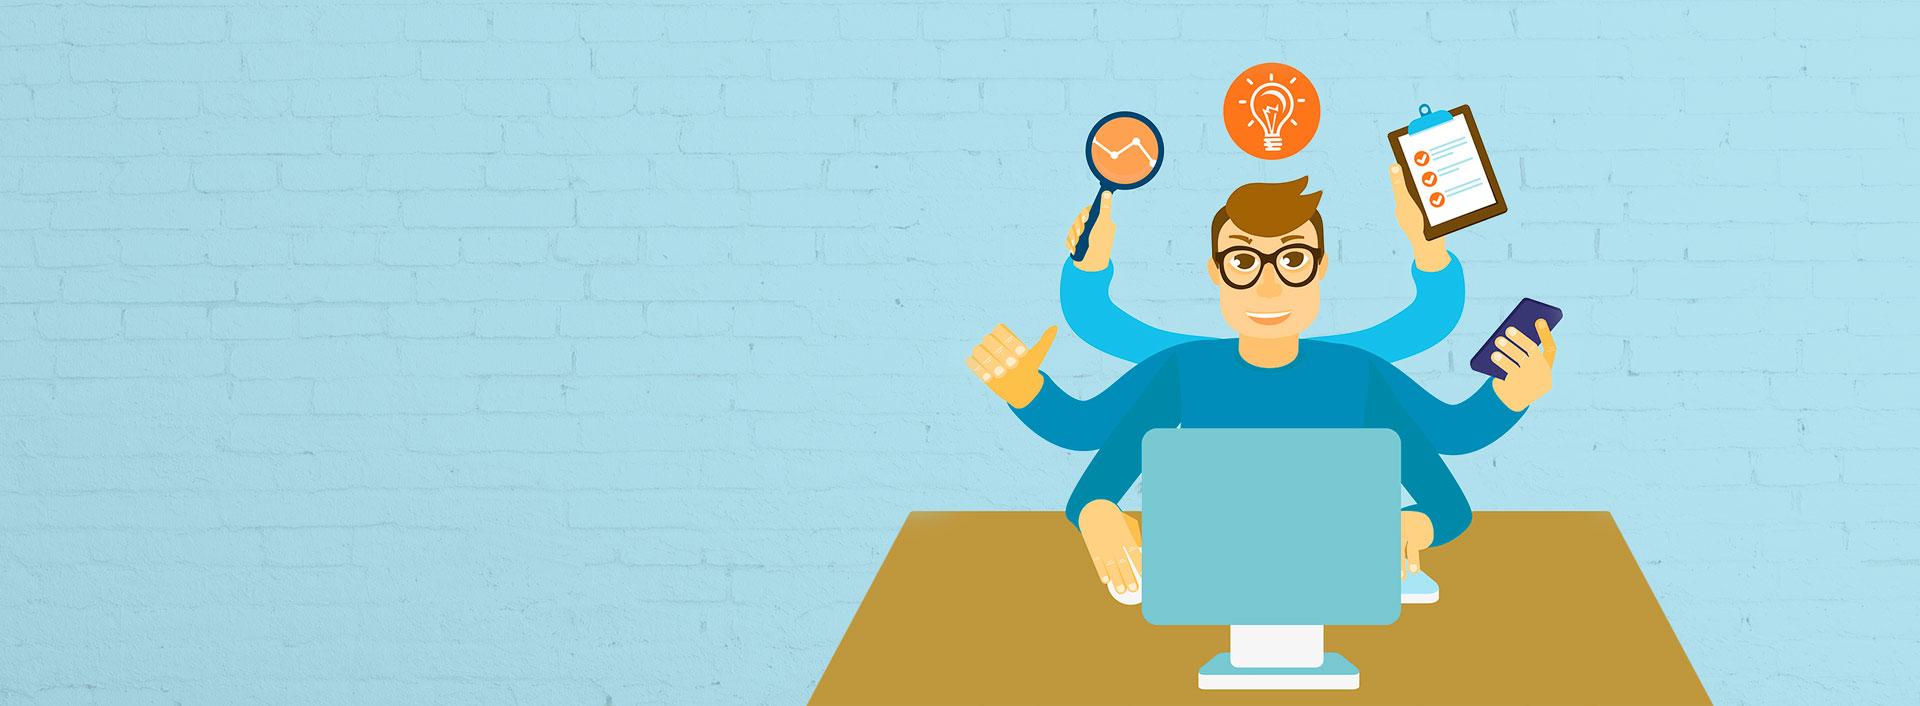 Κατασκευή Ιστοσελίδων - Δημιουργία e-shop